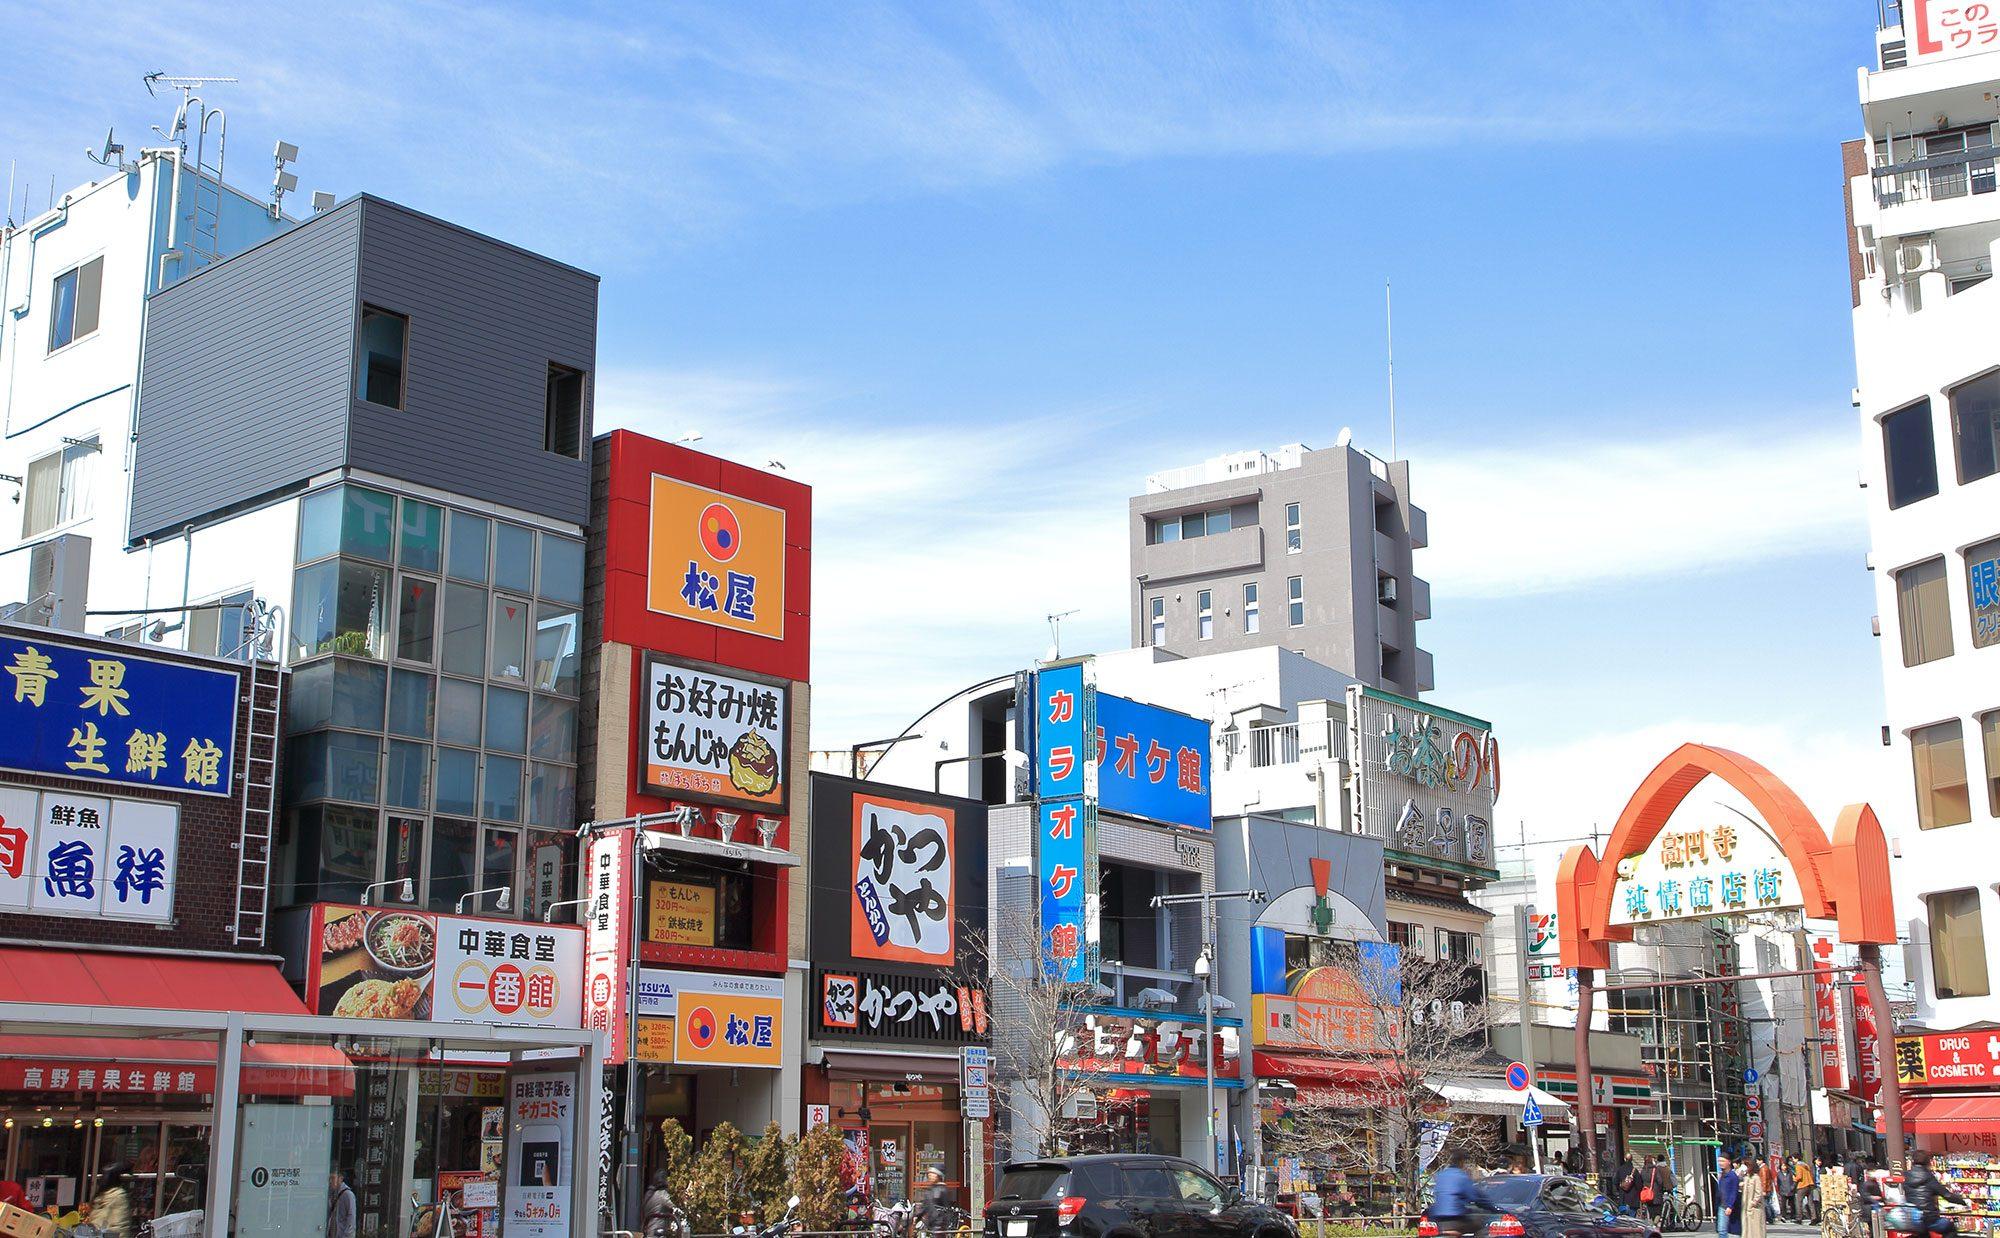 【おすすめ穴場駅編】中央・総武線沿線で住みたい街は?